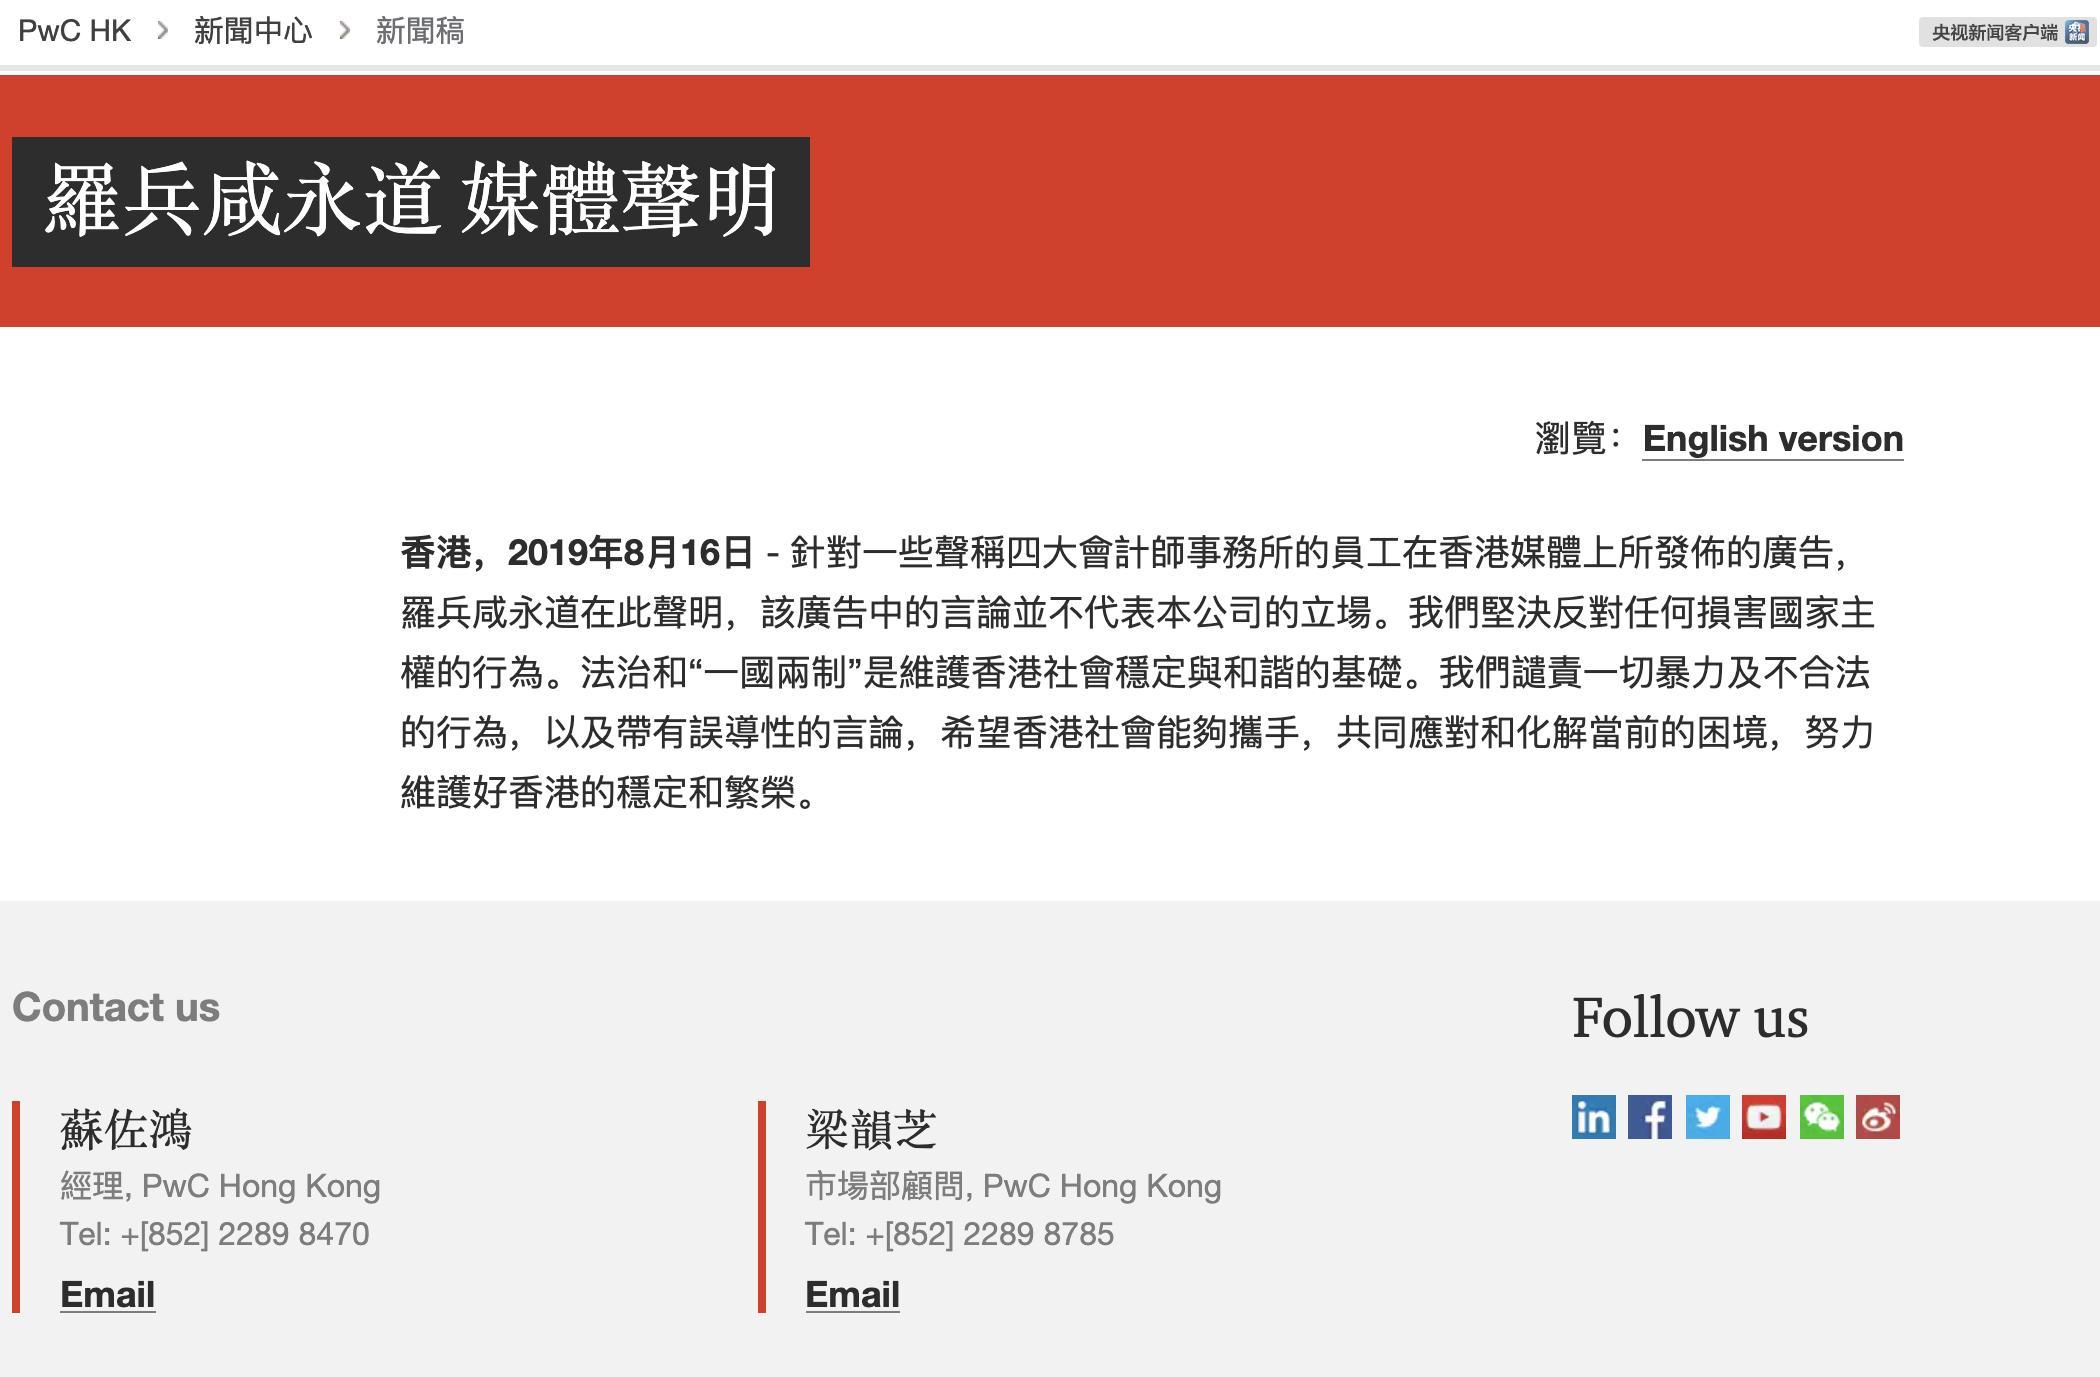 四大会计师事务所发表声明谴责香港近期暴力行为